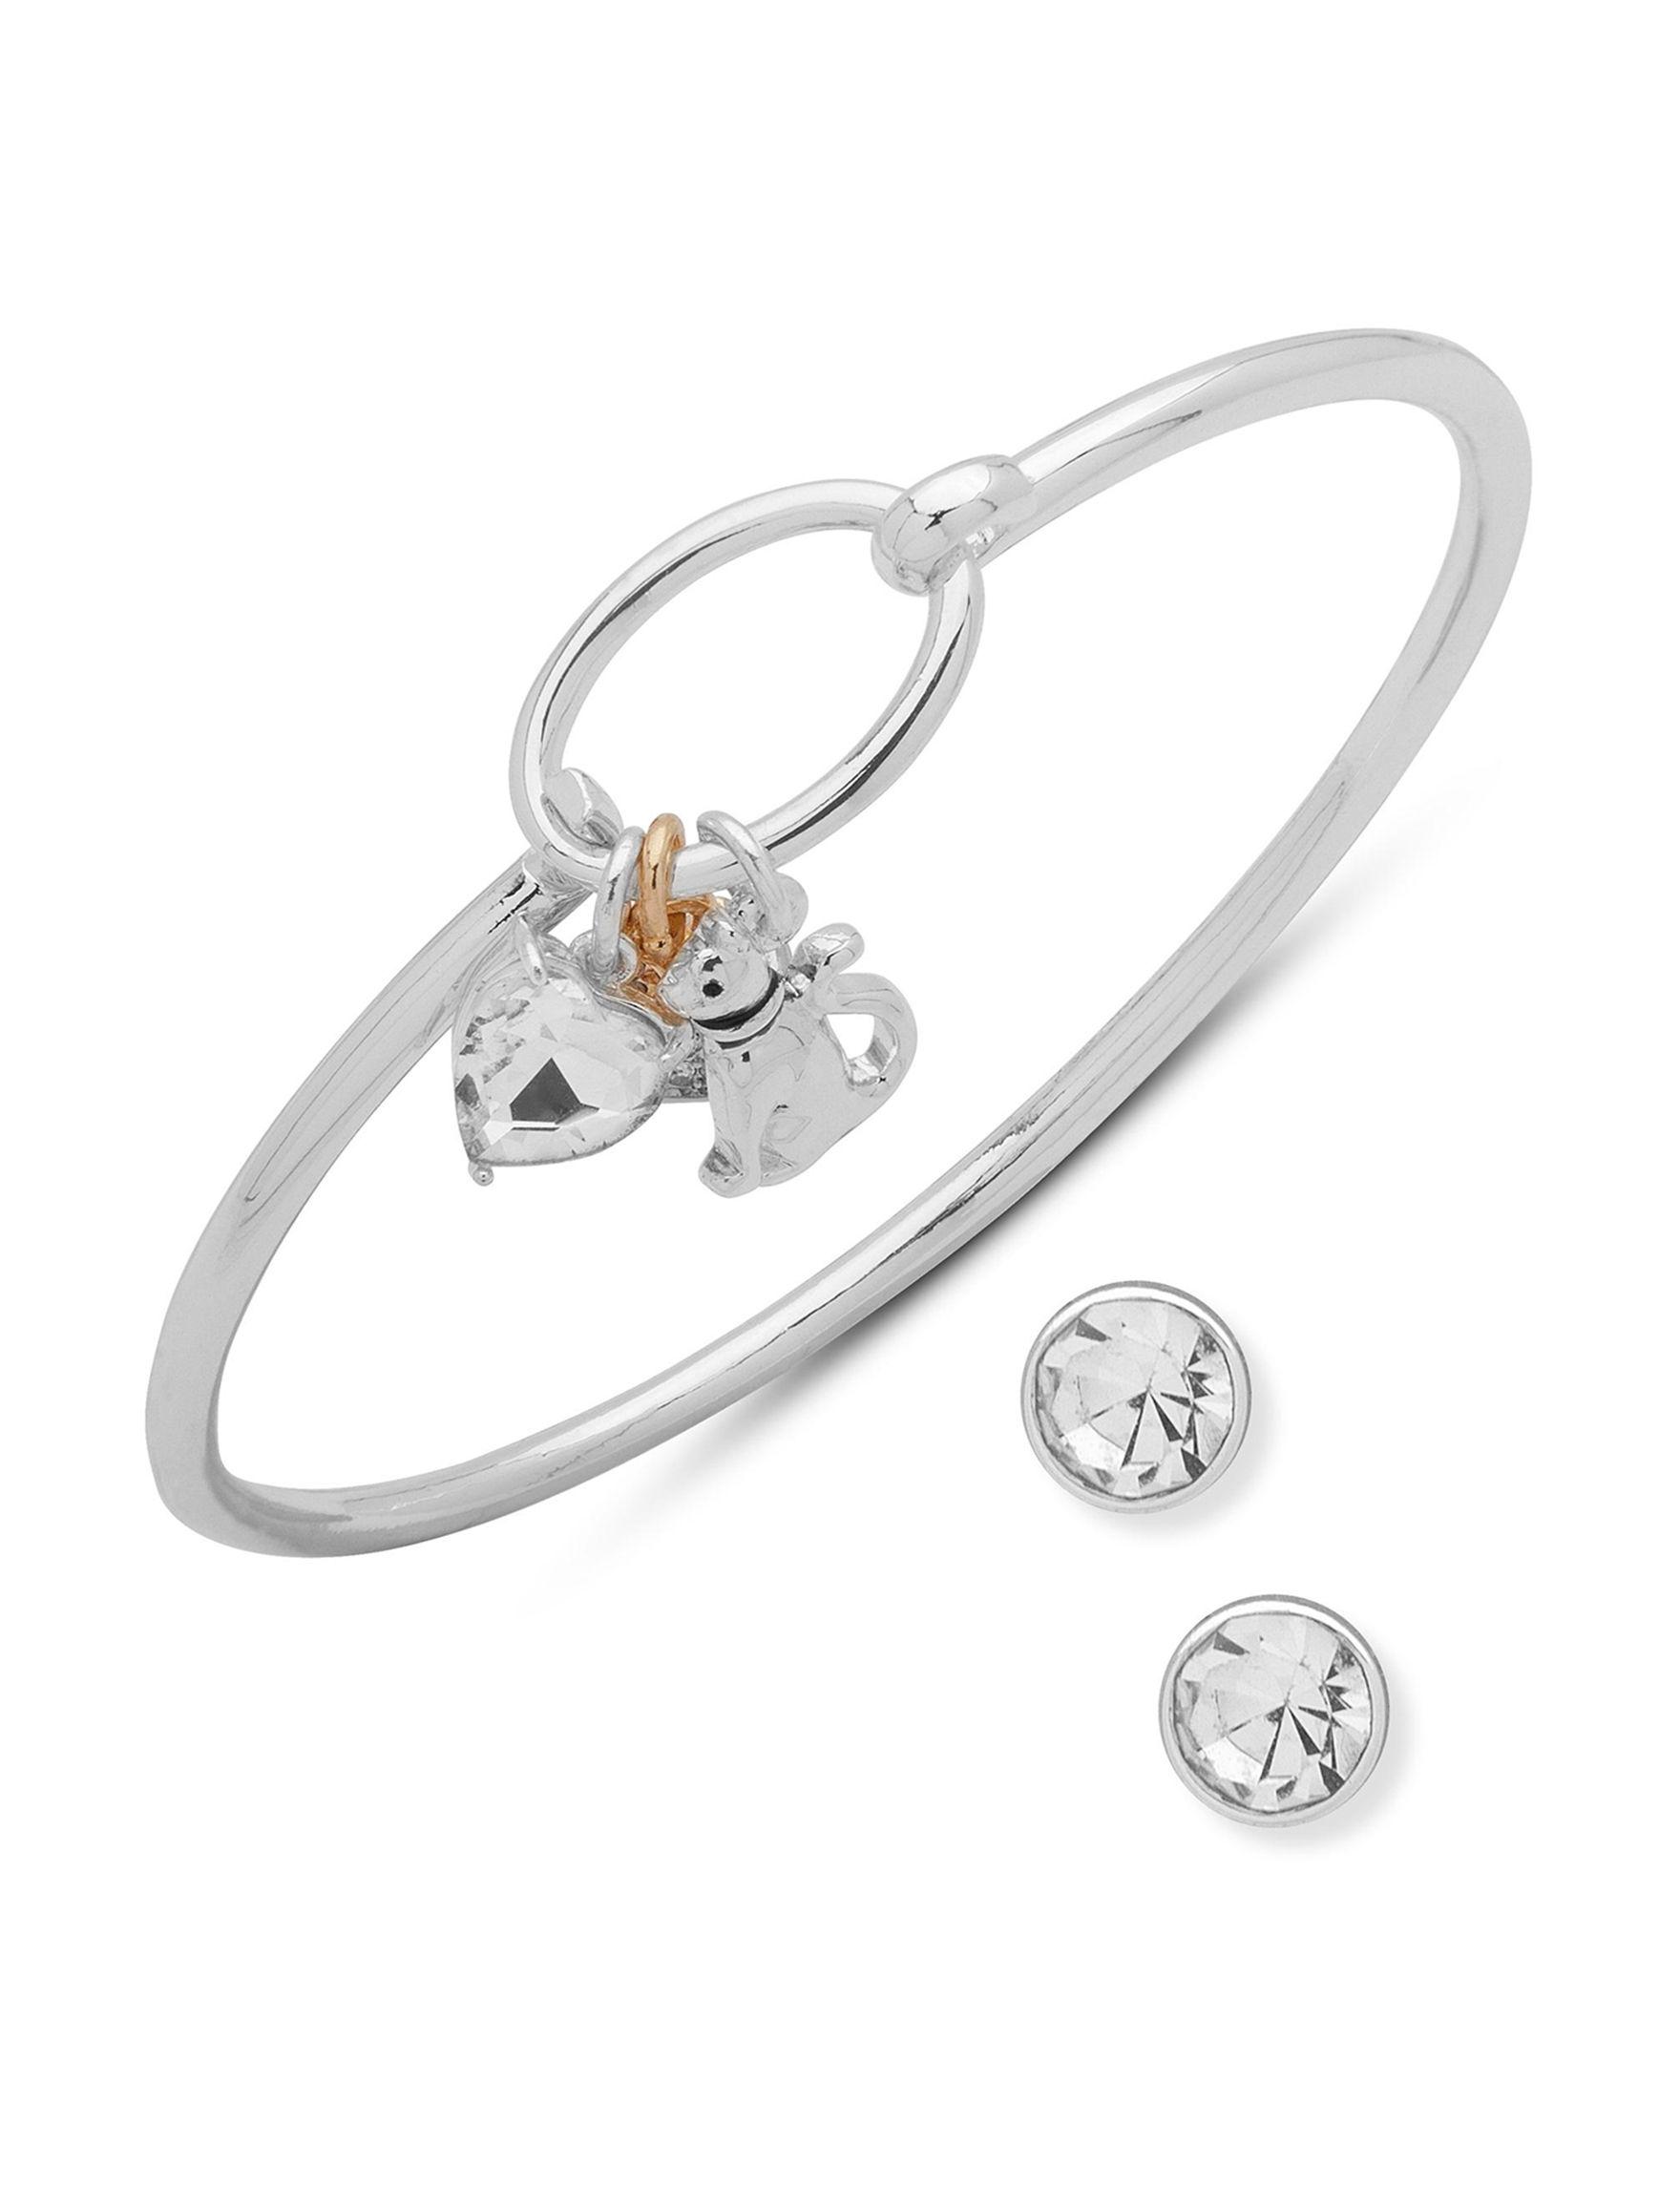 Pet Friends Silver / Crystal Bracelets Earrings Fashion Jewelry